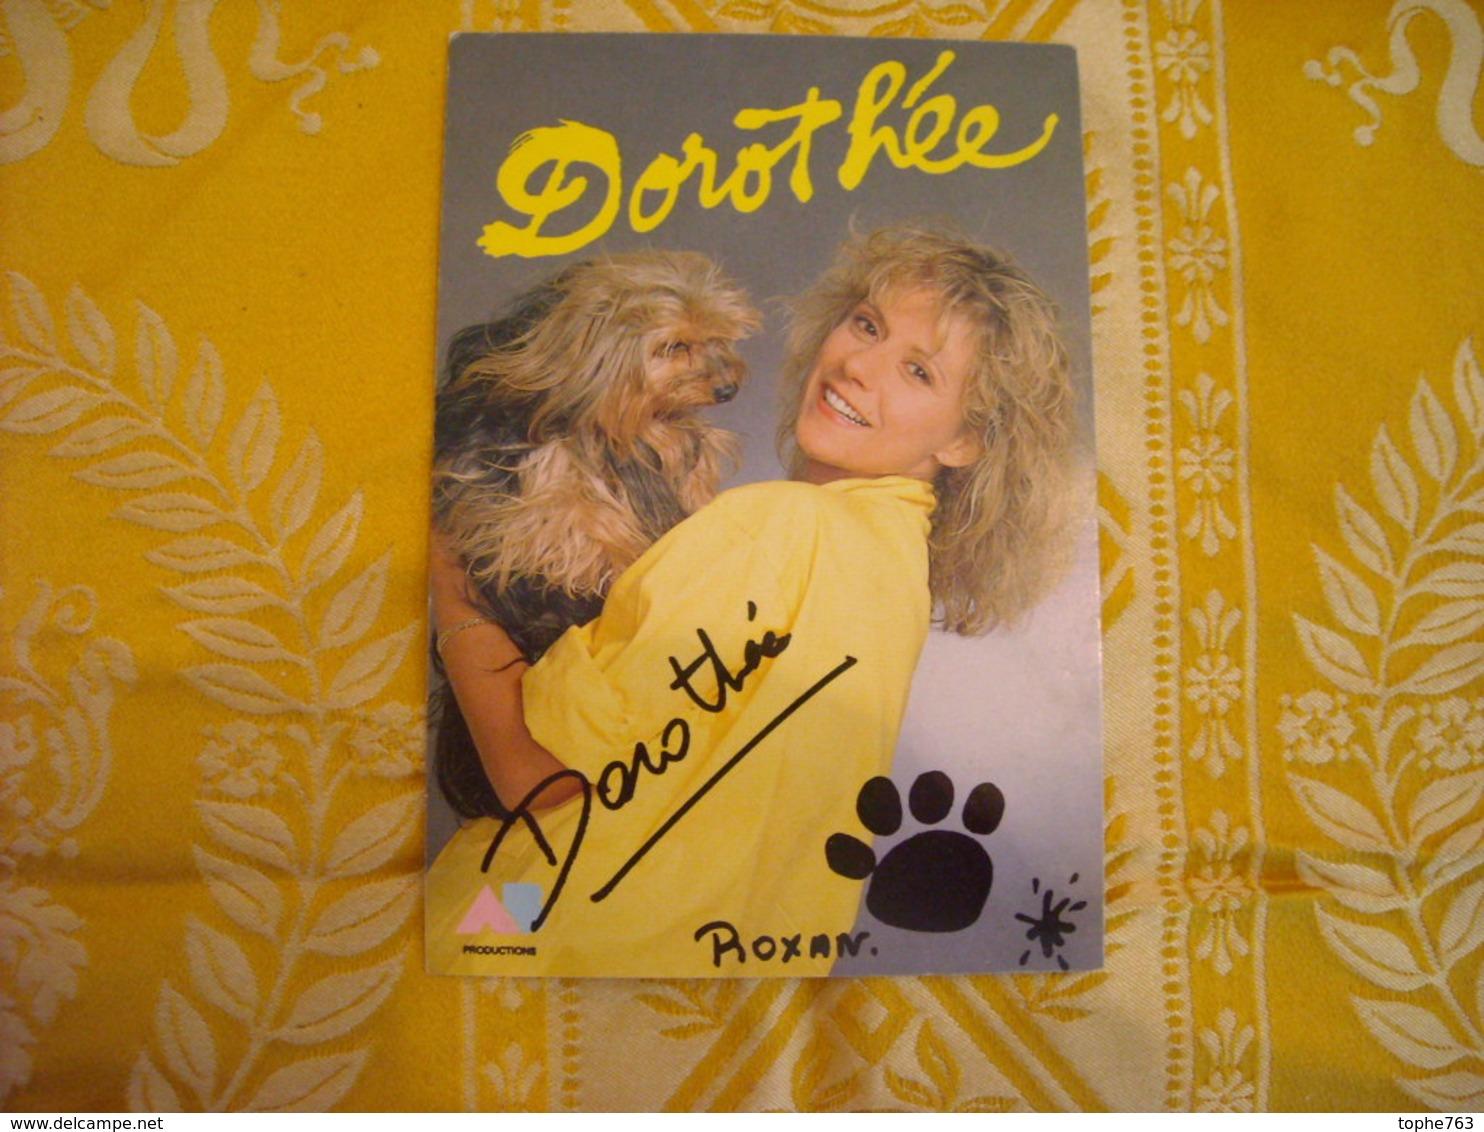 Carte Postale Avec Autographe Imprimé De Dorothée , Années 90 - Autographes